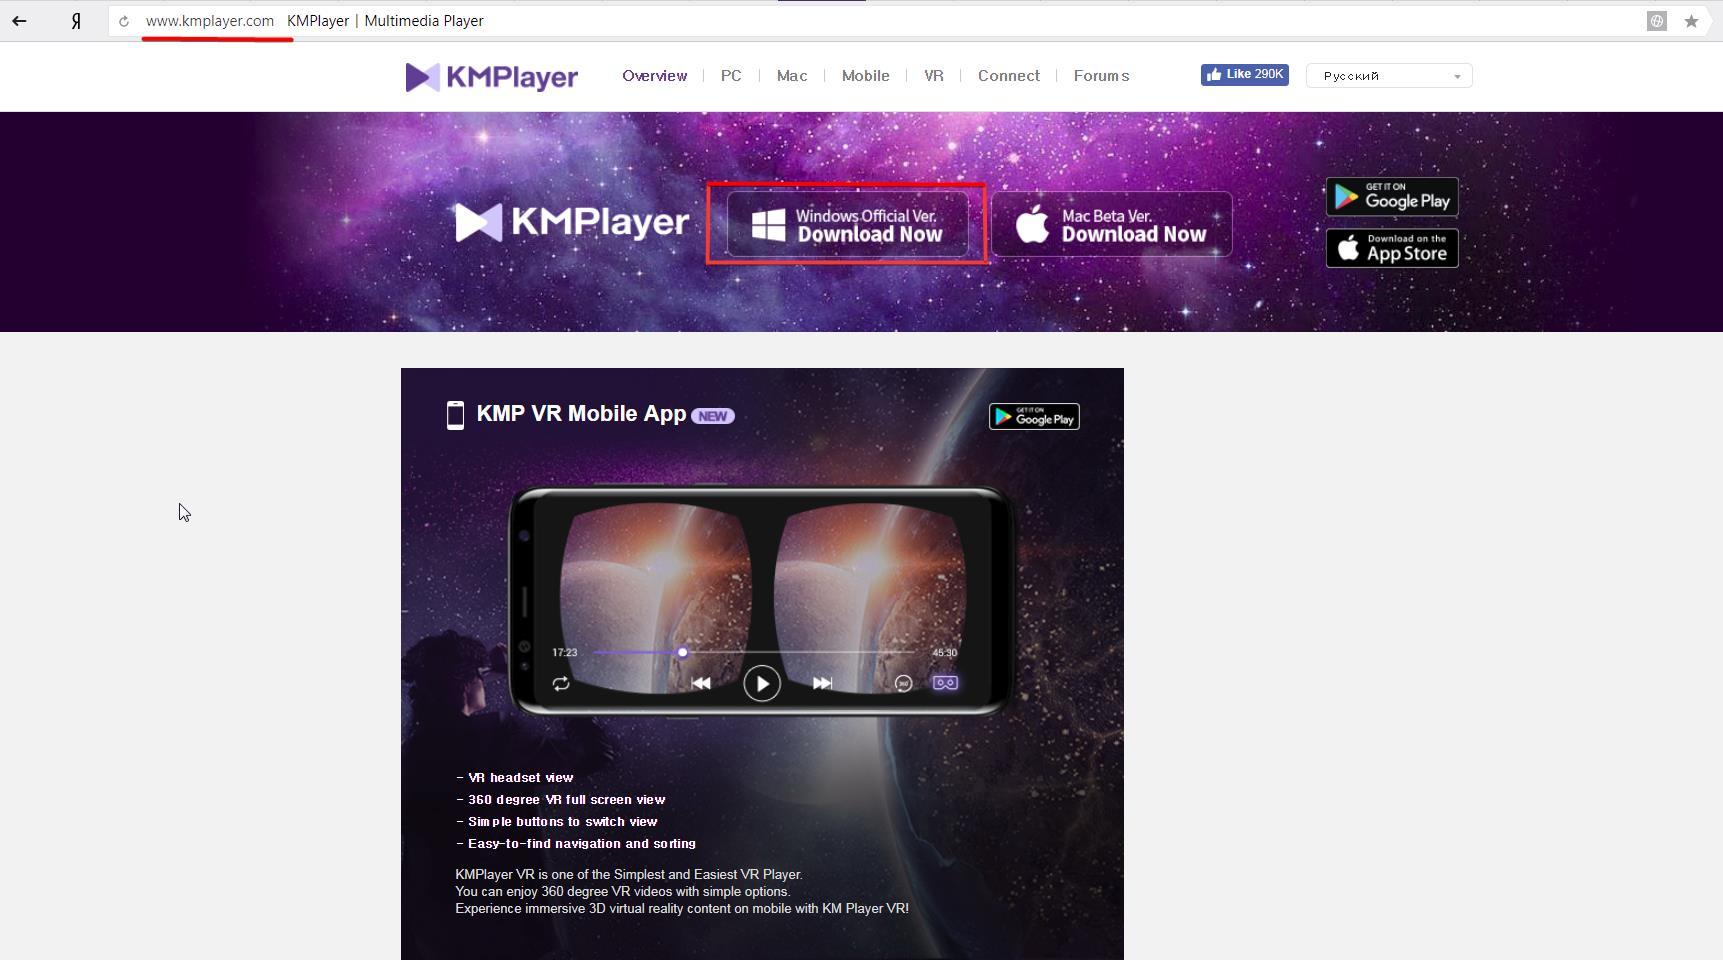 Официальный сайт KMPlayer